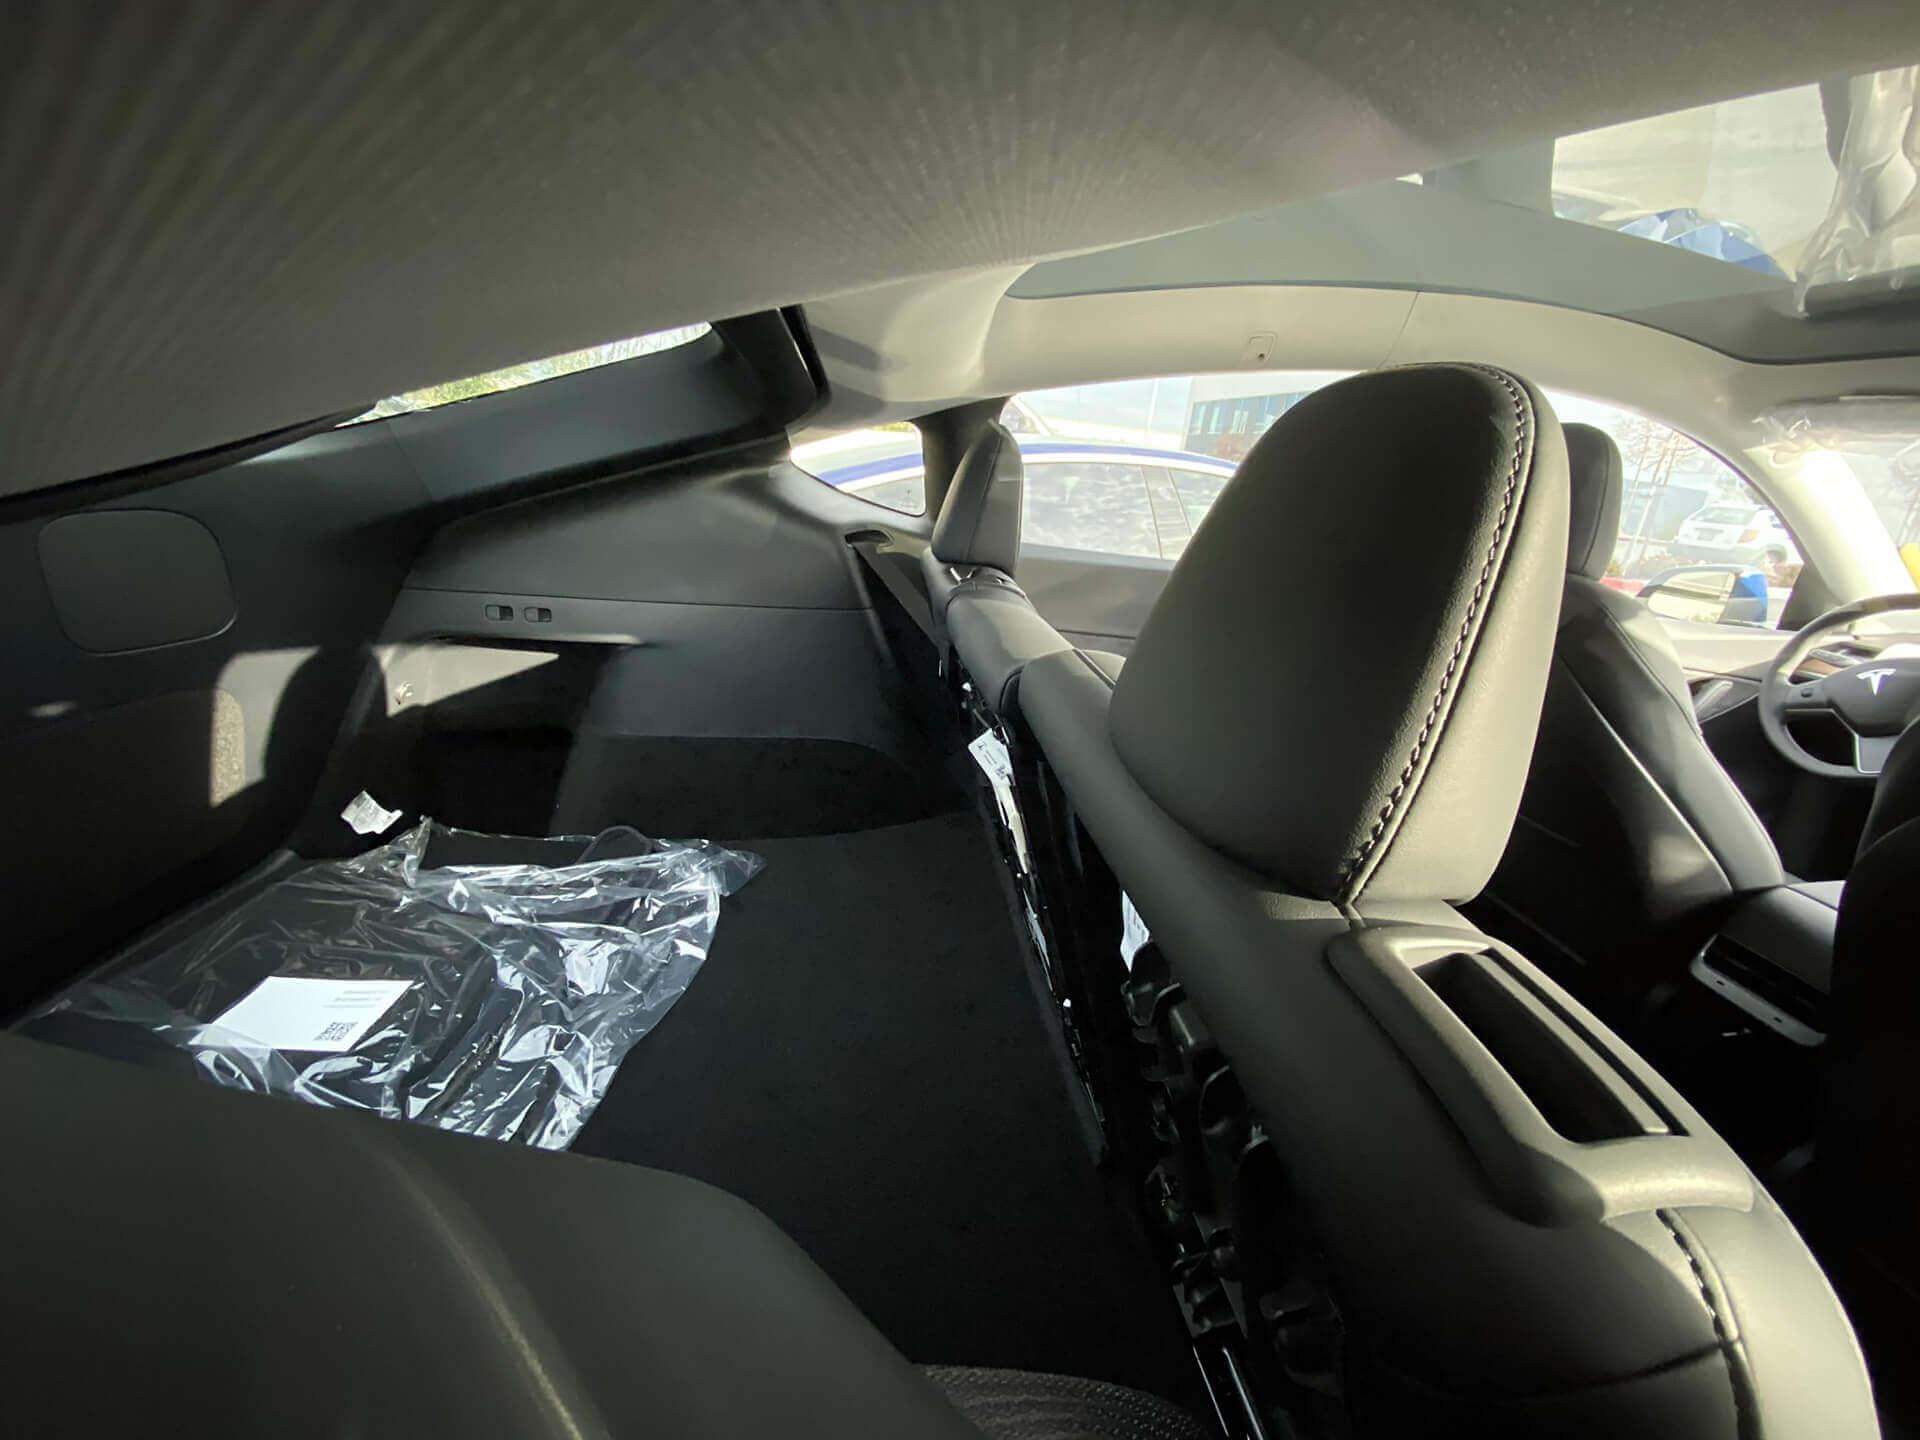 Складывающийся третий ряд сидений серийной модели Tesla Model Y